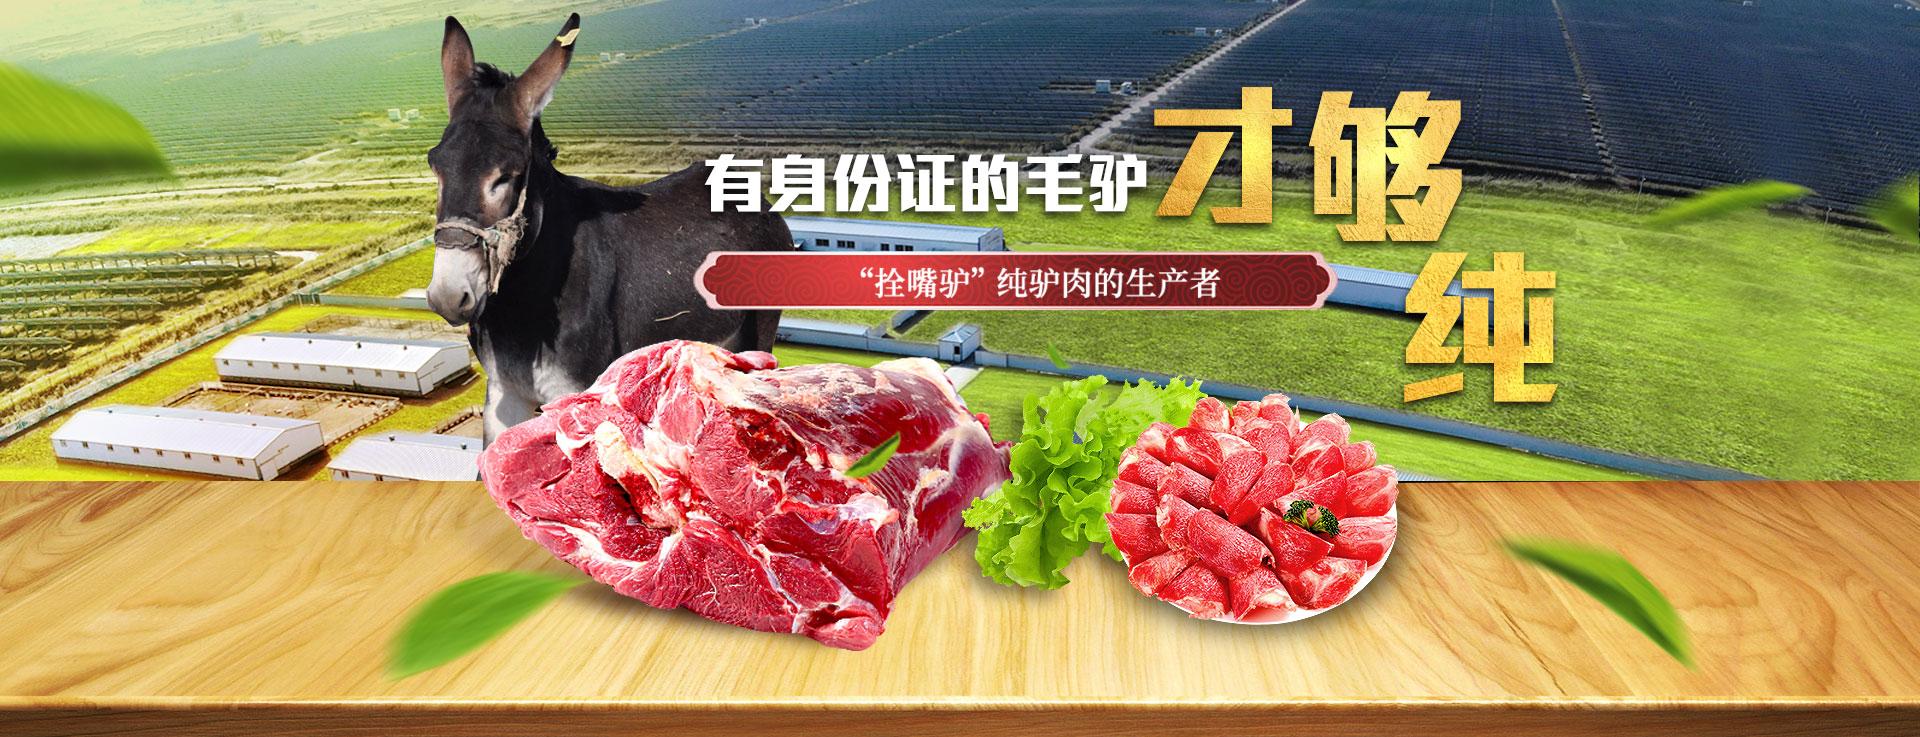 拴嘴驴纯驴肉生产者